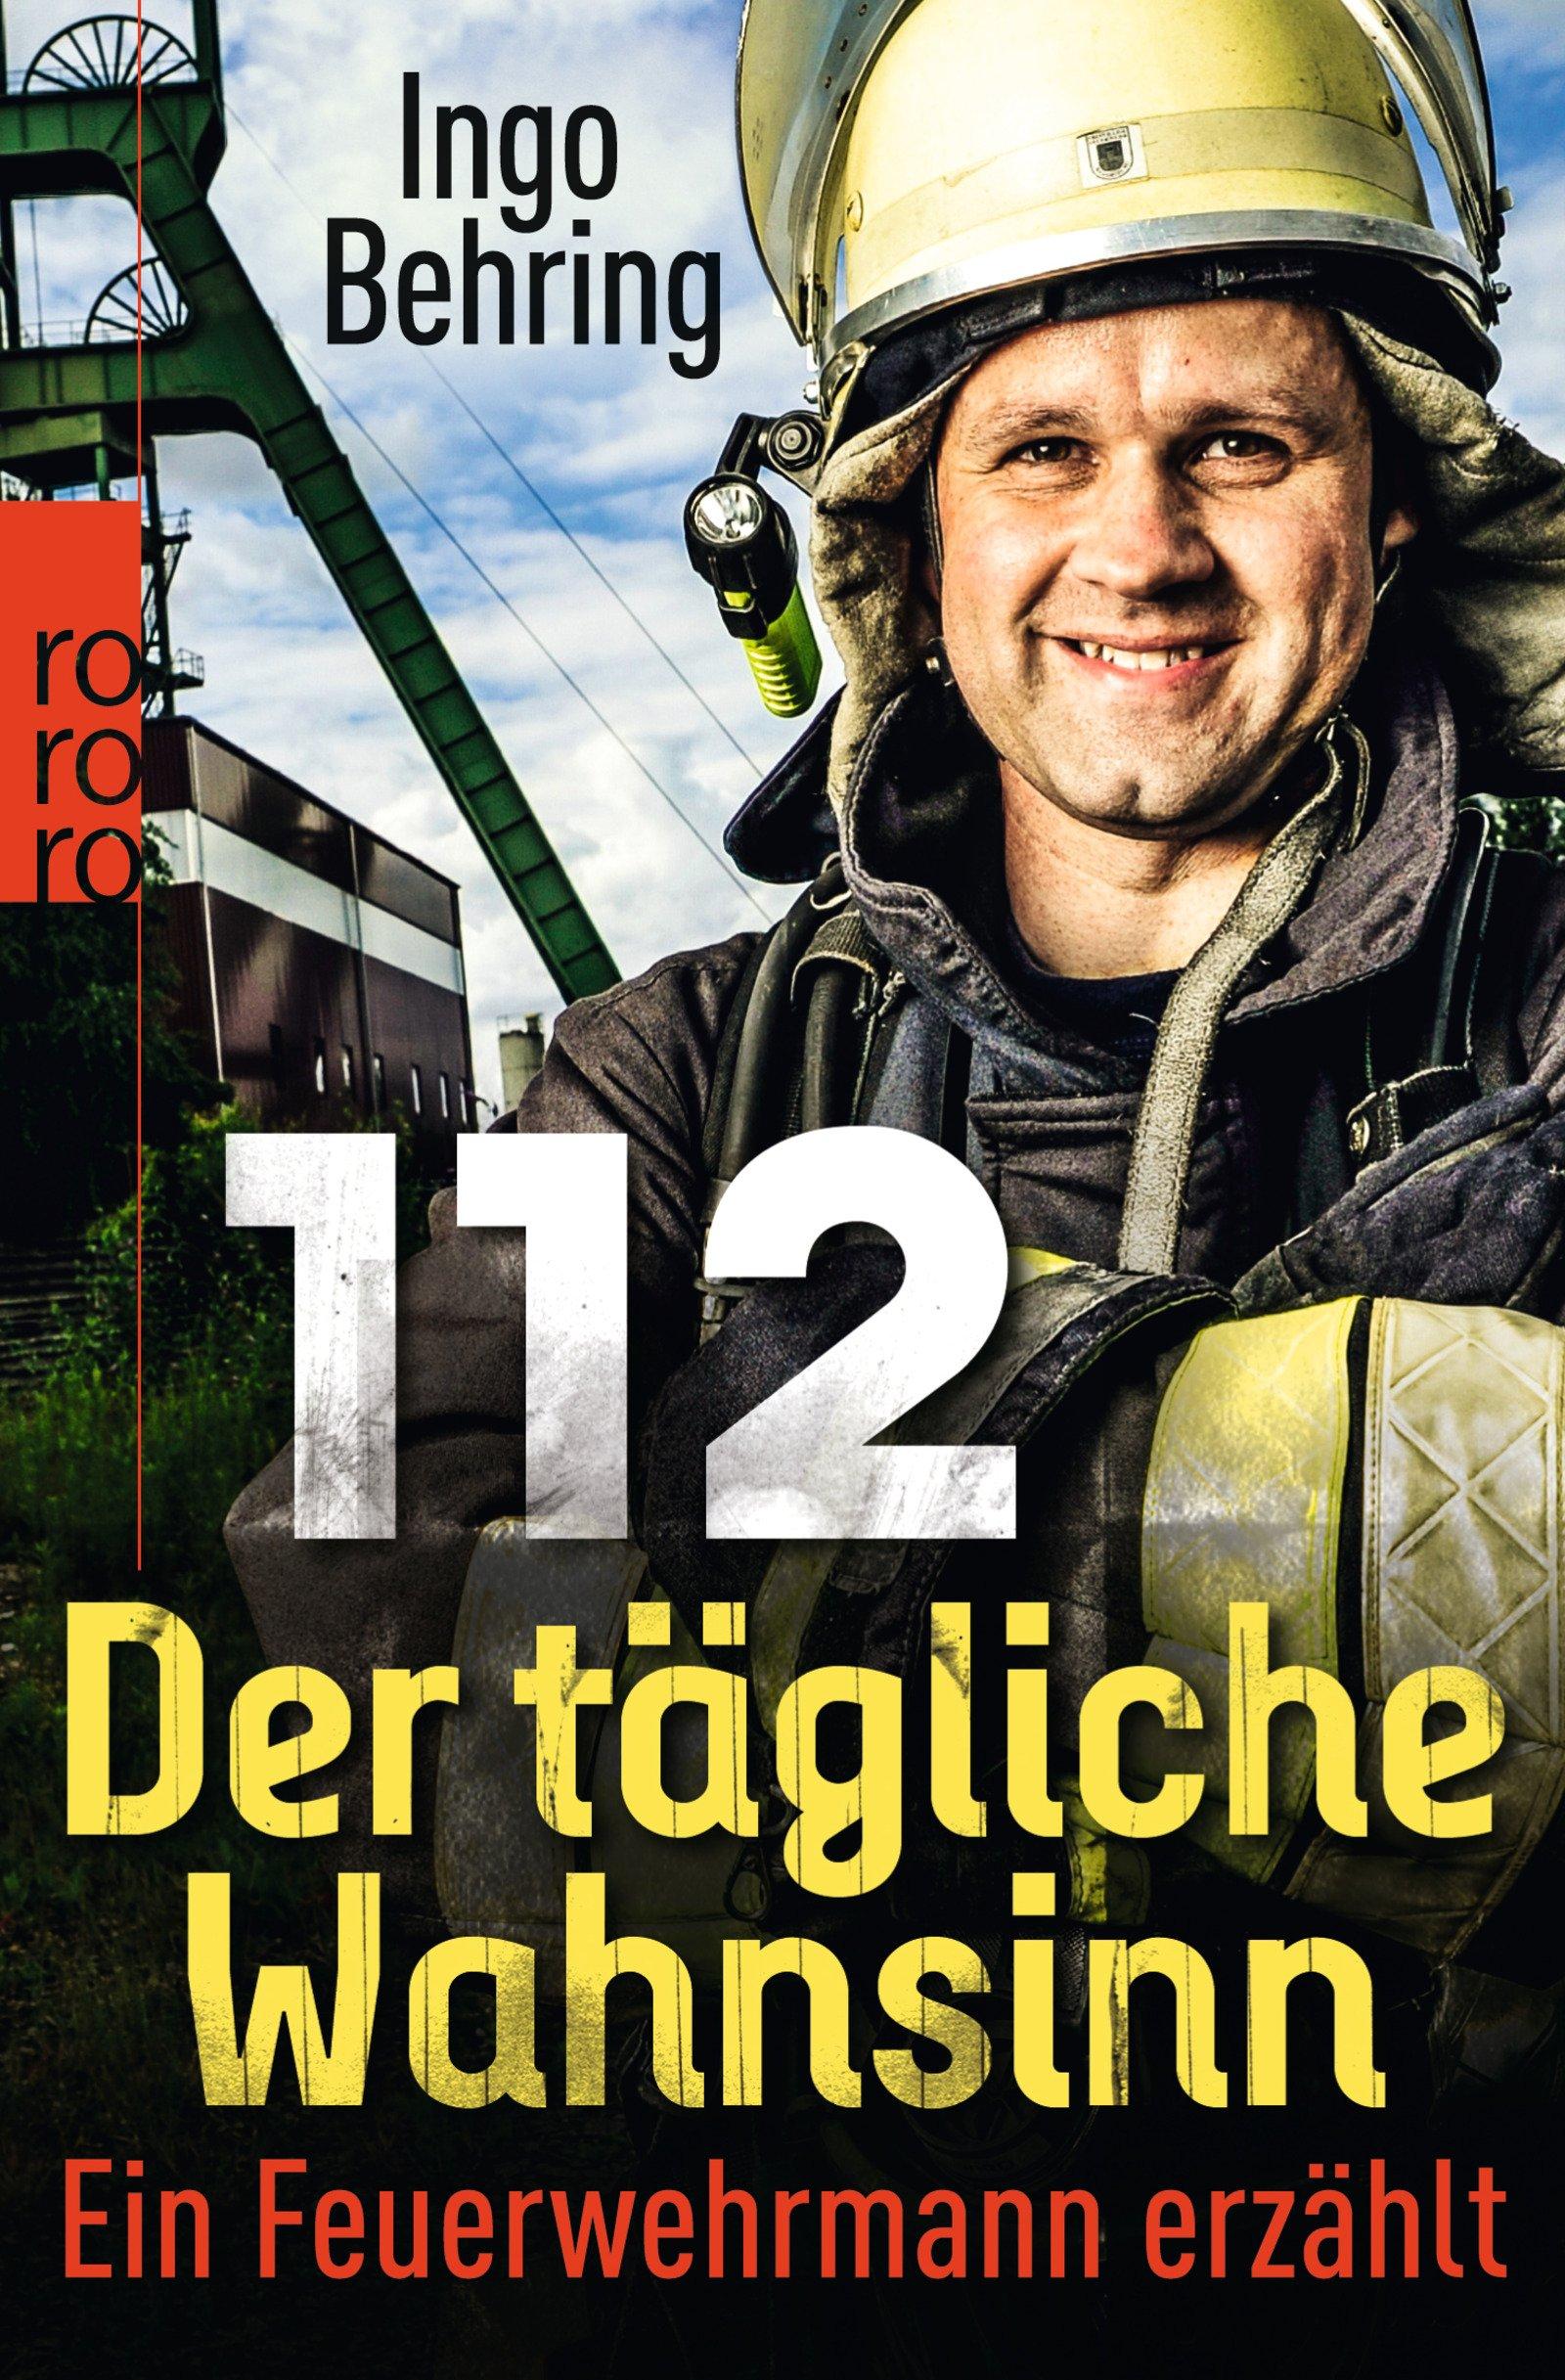 112 - Der tägliche Wahnsinn: Ein Feuerwehrmann erzählt Taschenbuch – 2. Mai 2013 Ingo Behring Rowohlt Taschenbuch 349961989X Belletristik / Biographien